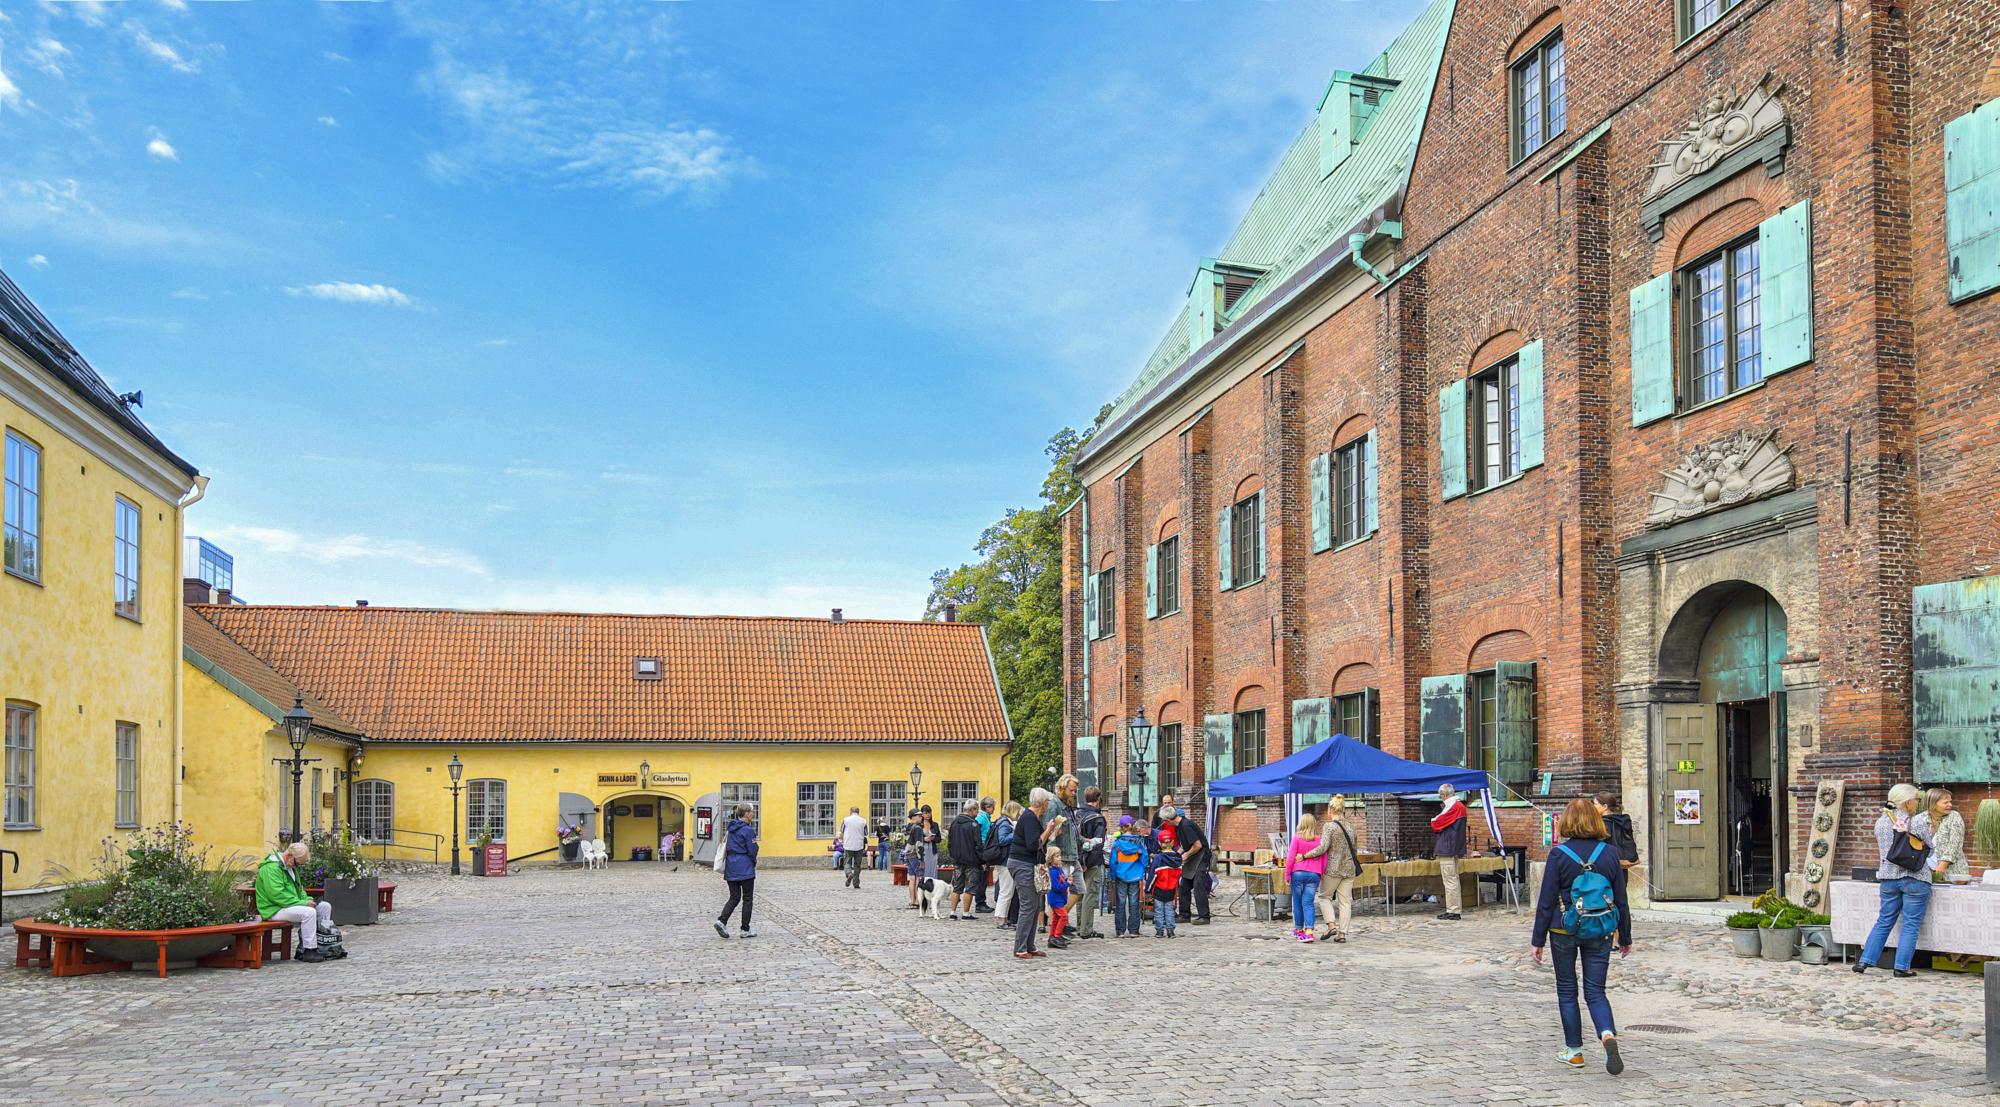 Evenemang på Kronhusgården. Till vänster syns Kronhusbodarna och till höger syns Kronhuset.